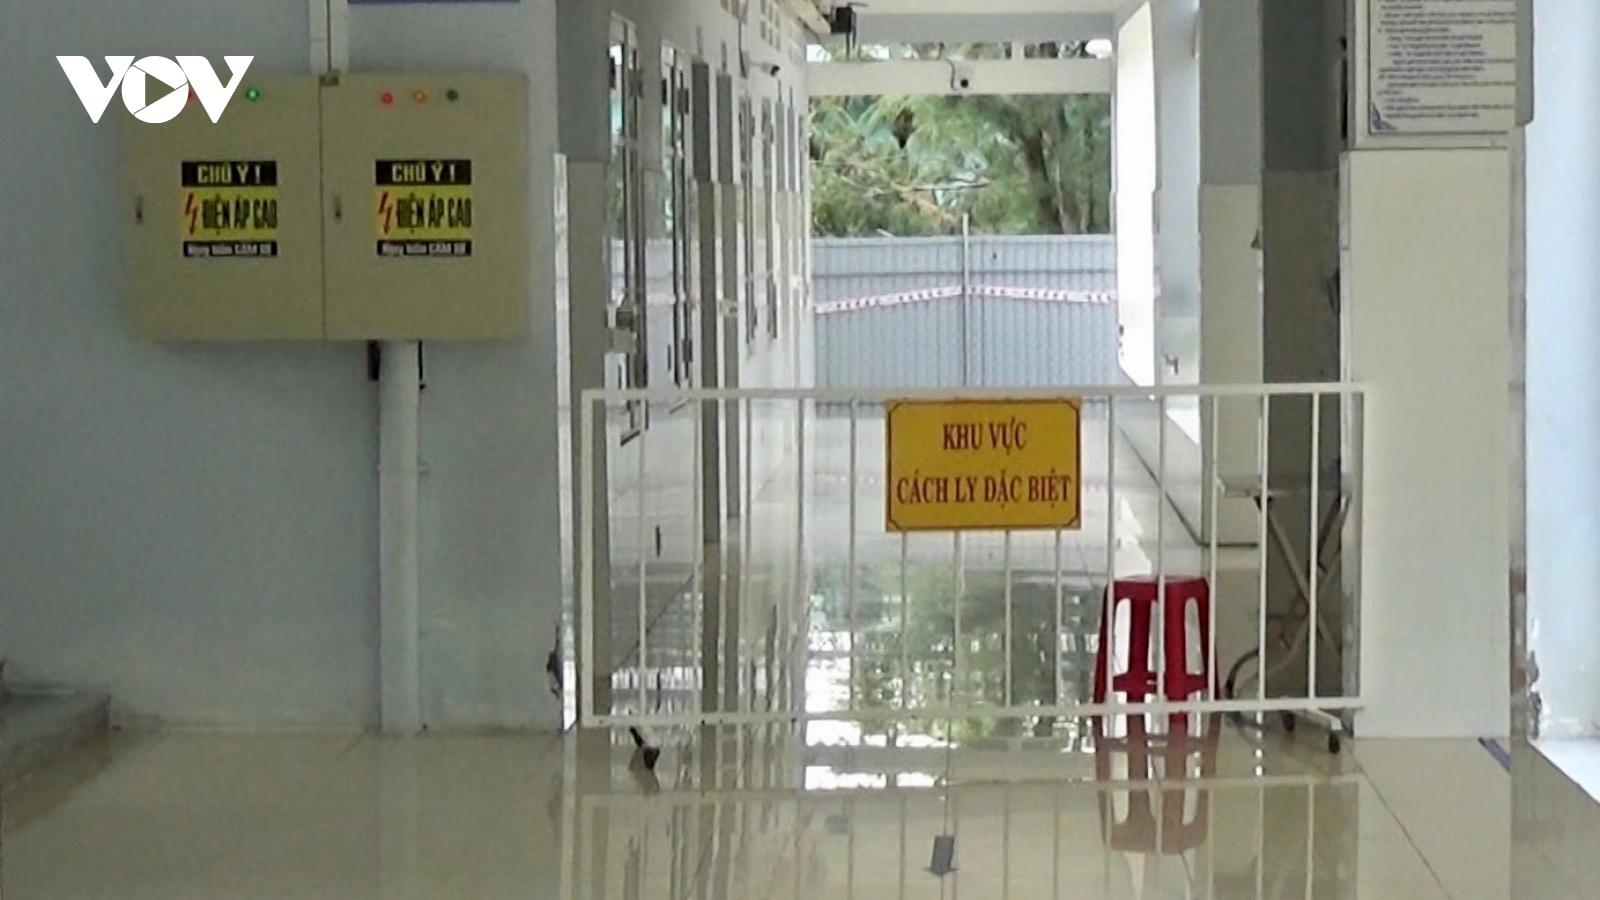 BN 6572 tại Bạc Liêu đã có kết quả kiểm tra lần 1 âm tính với SARS-CoV-2